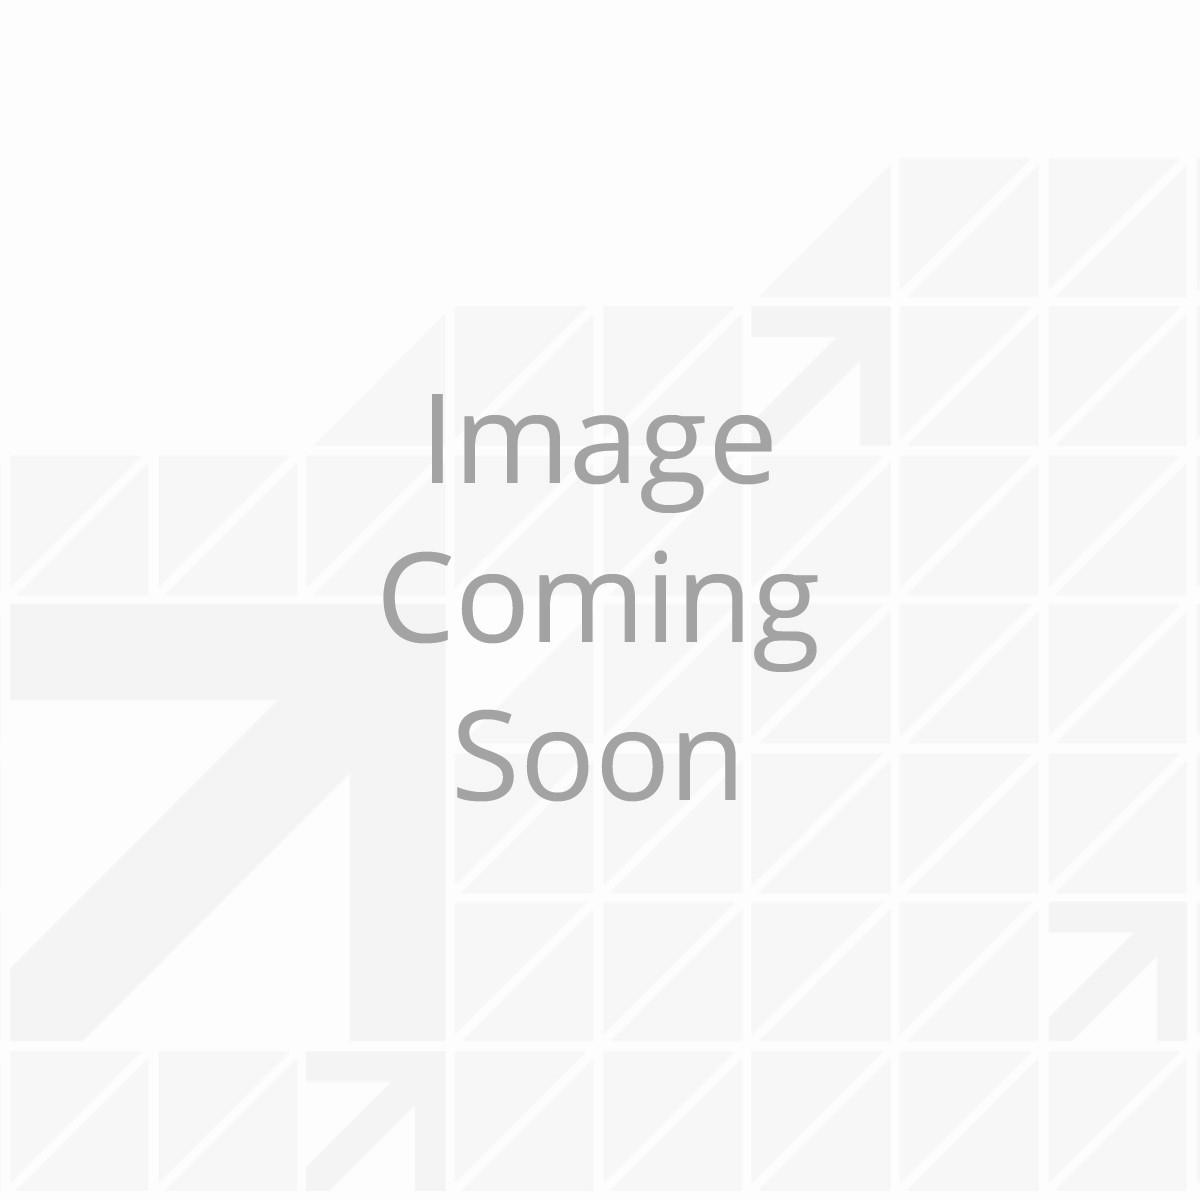 Microfiber Narrow King Sheet Set Sage